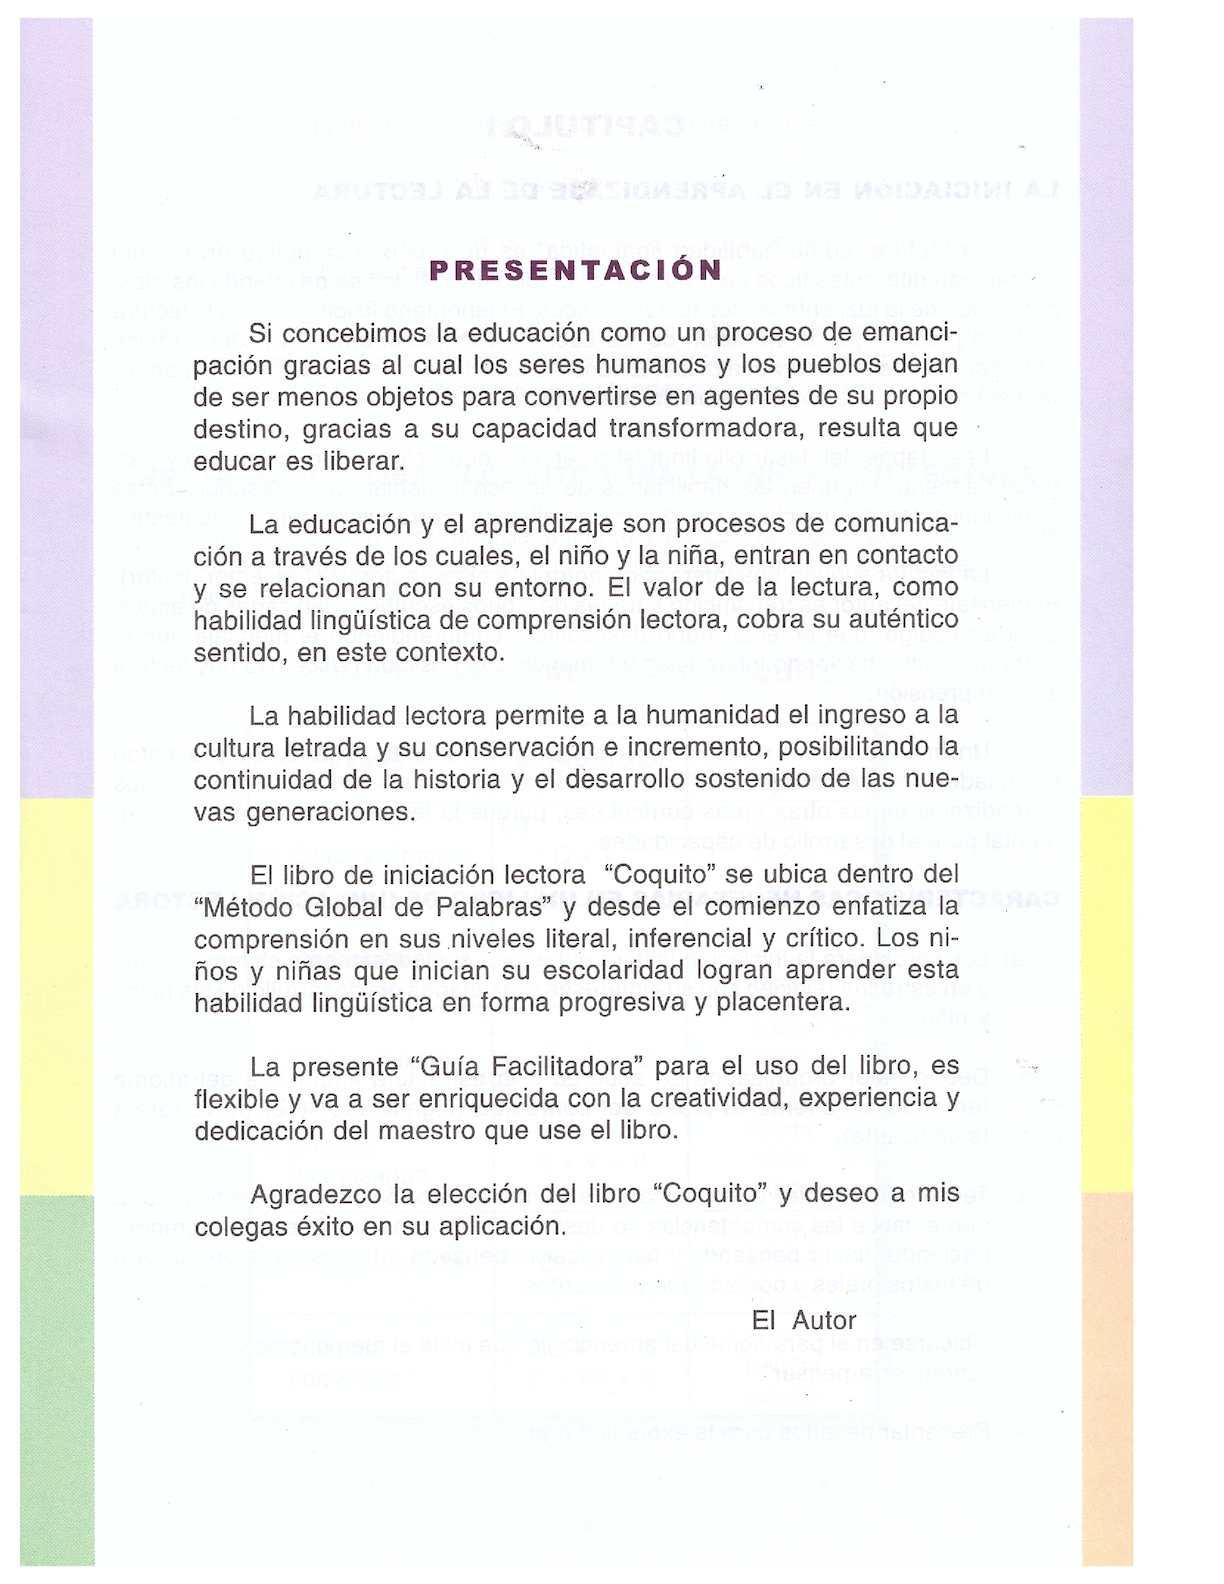 GUÍA DIDÁCTICA COQUITO - CALAMEO Downloader